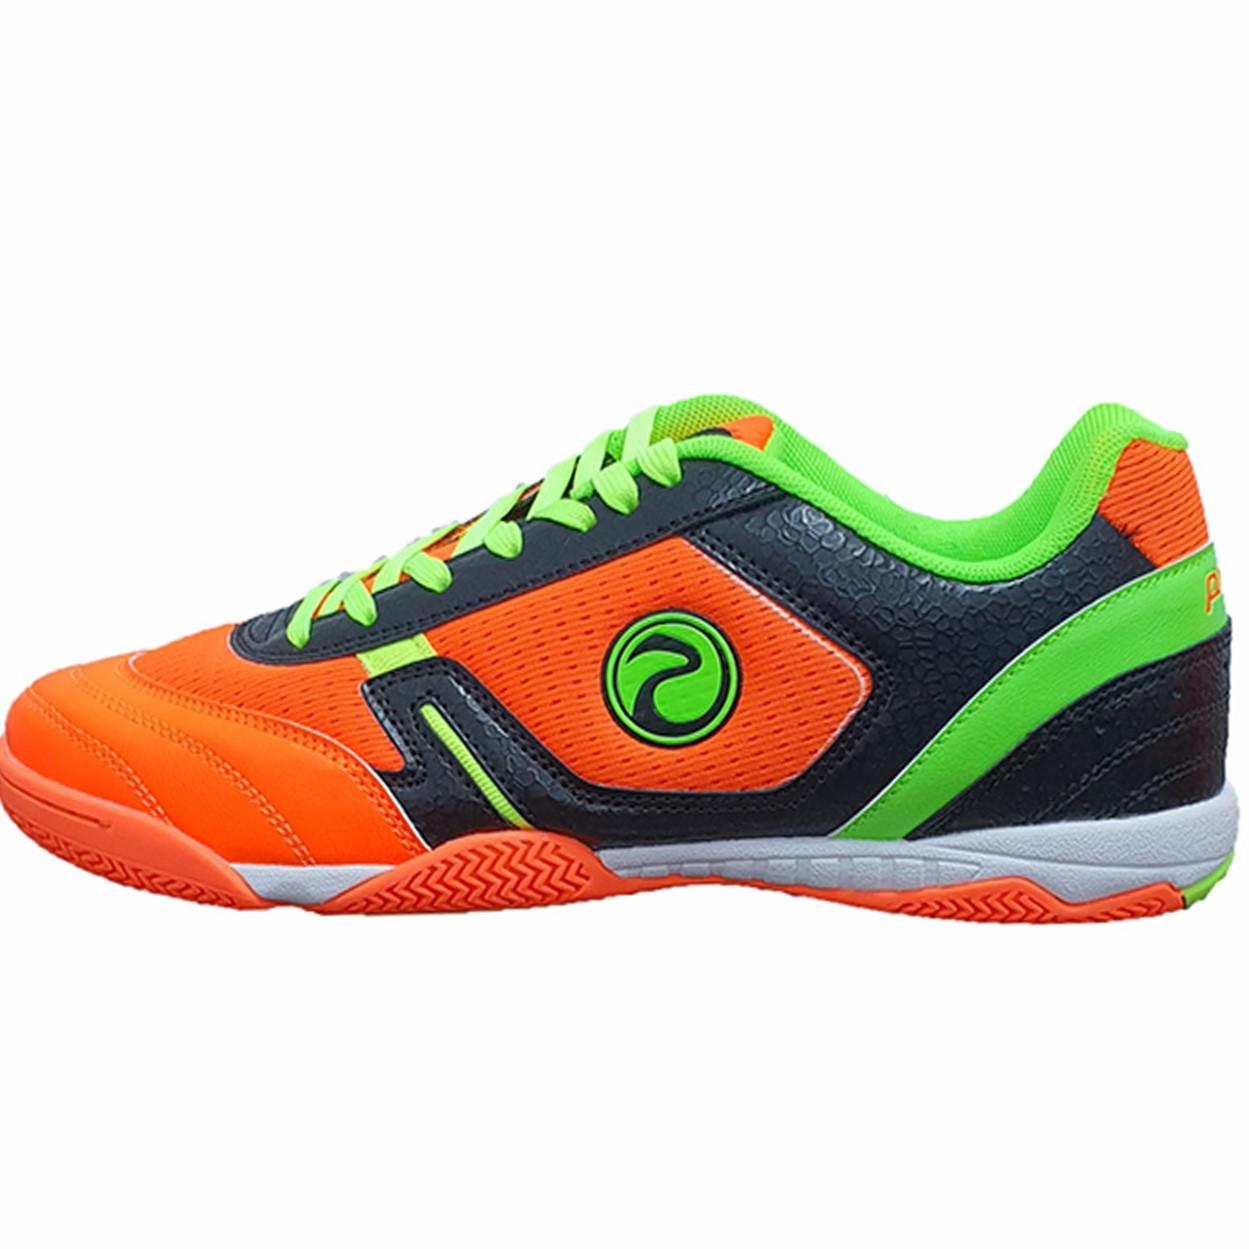 قیمت کفش فوتسال مردانه پریما مدل NV